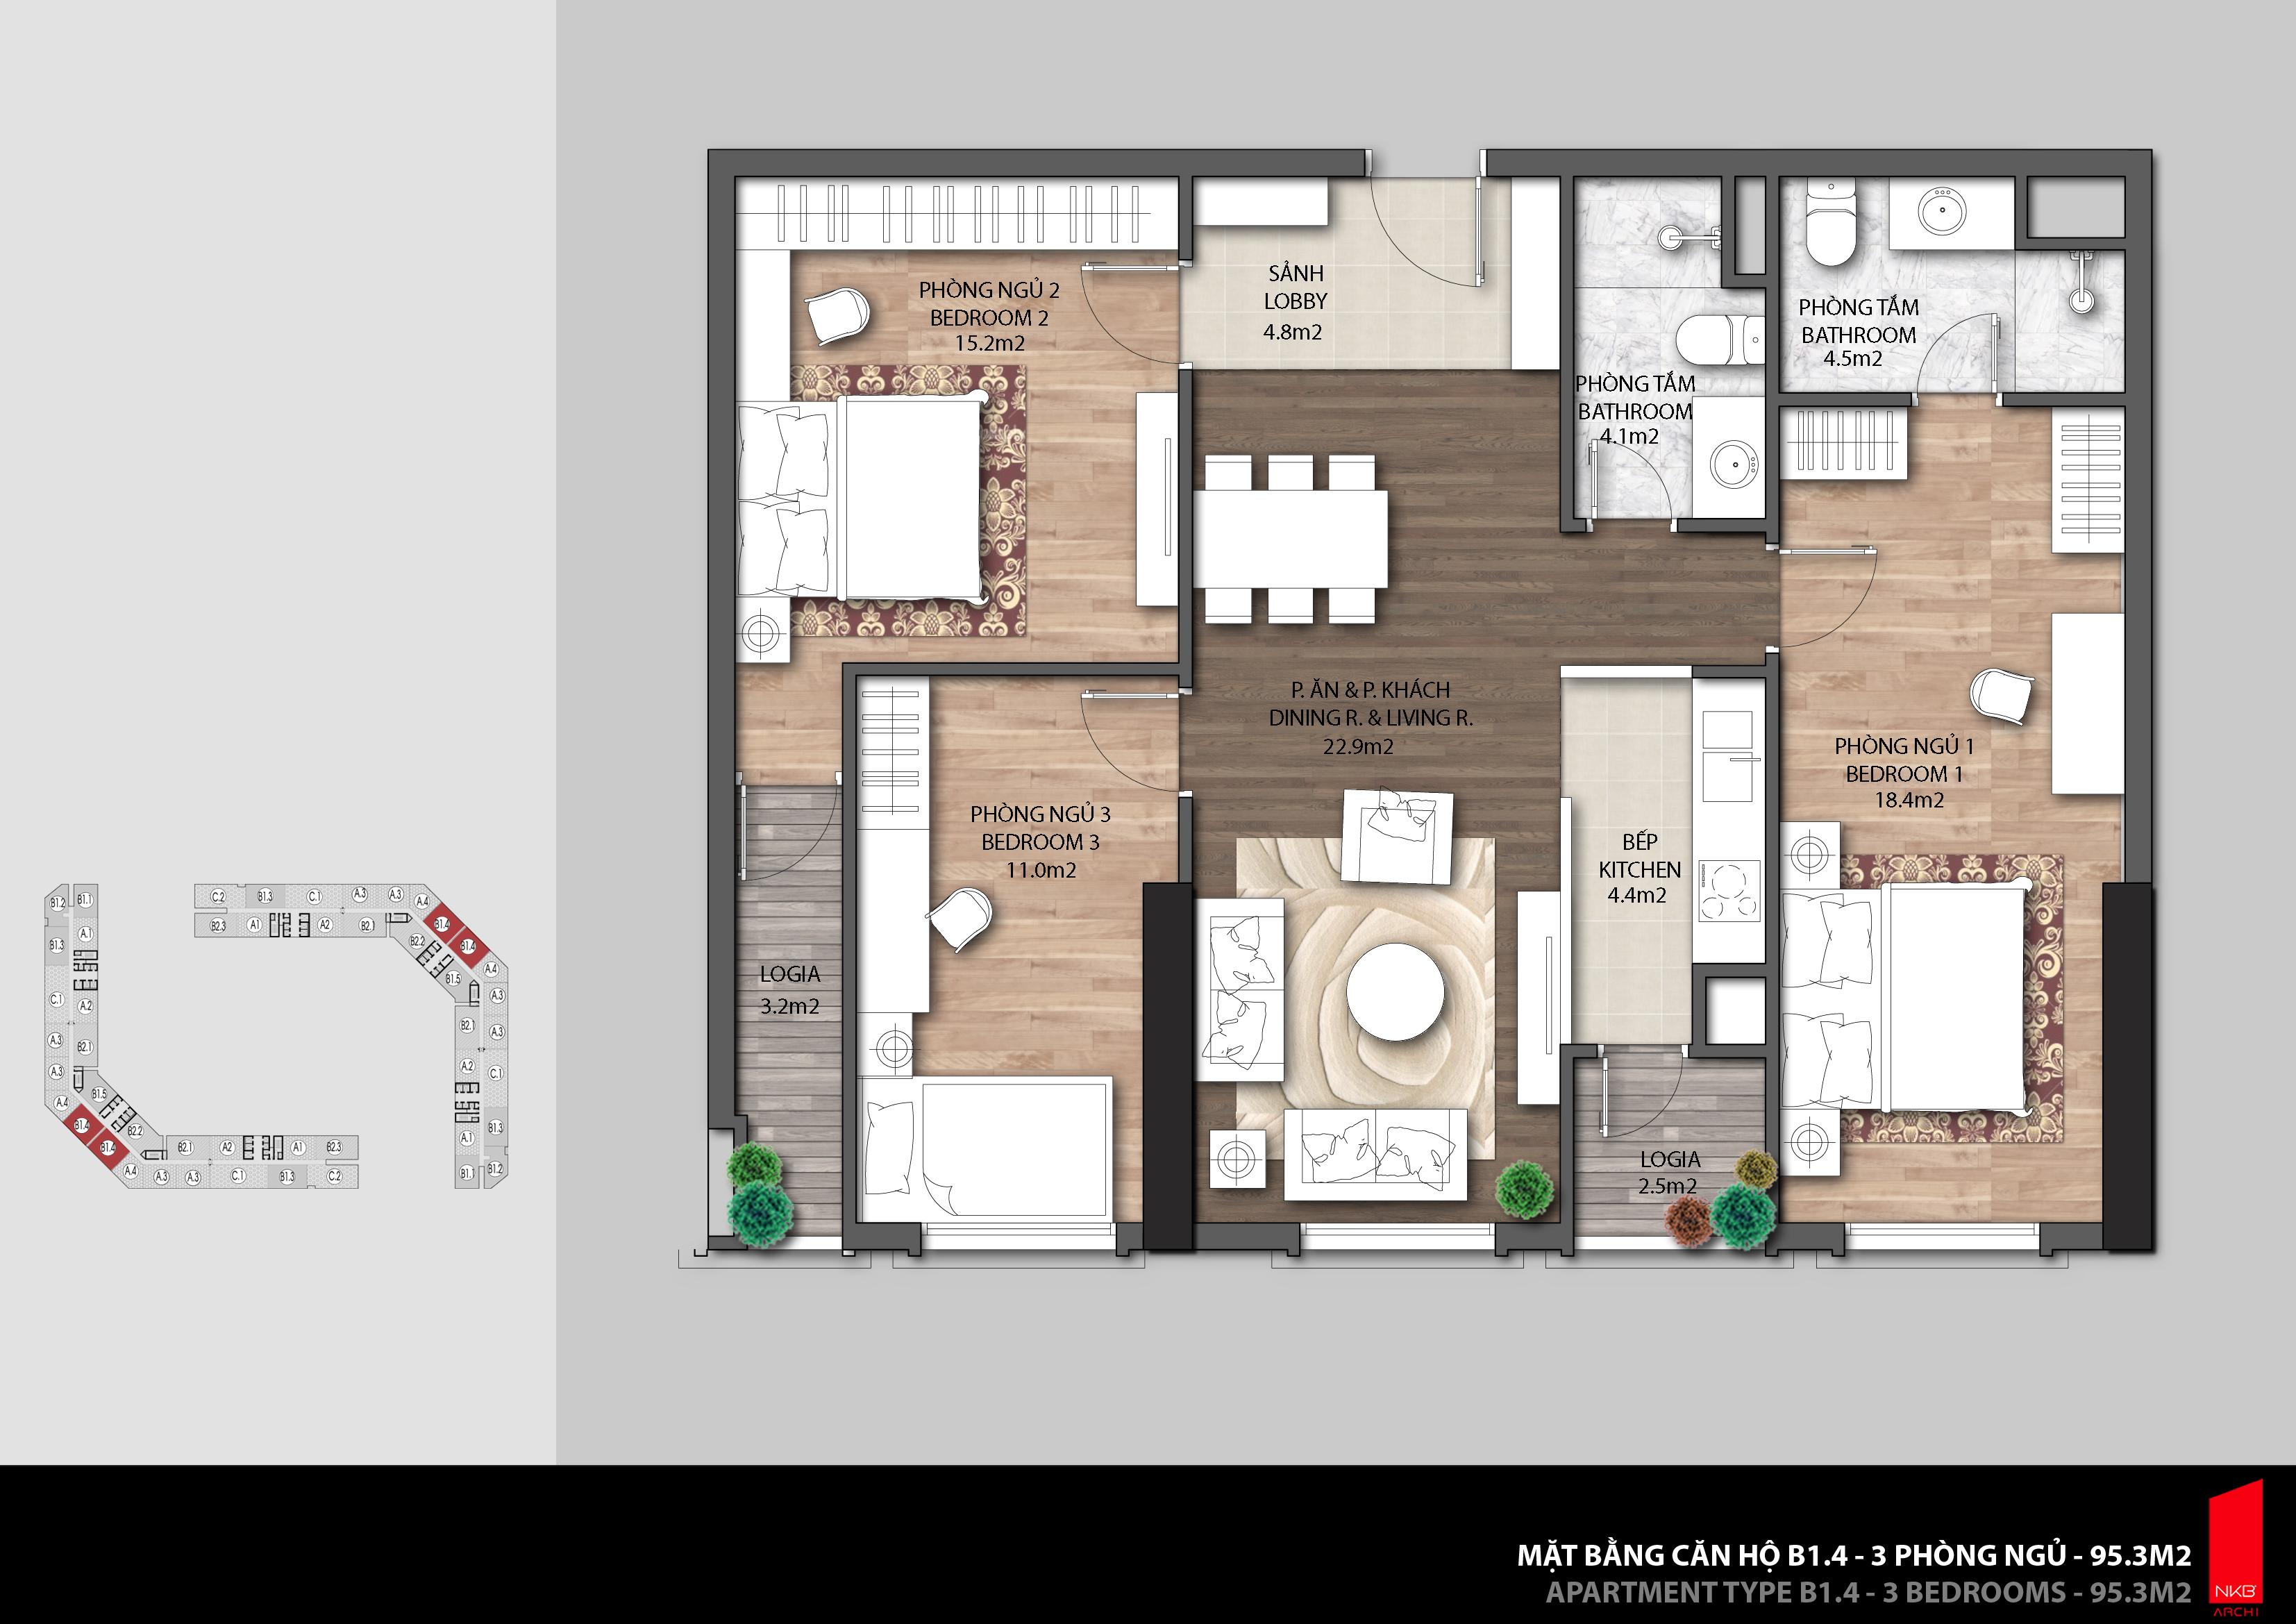 Thiết kế căn hộ chung cư The Emerald Ct8 Đình Thôn Mỹ Đình